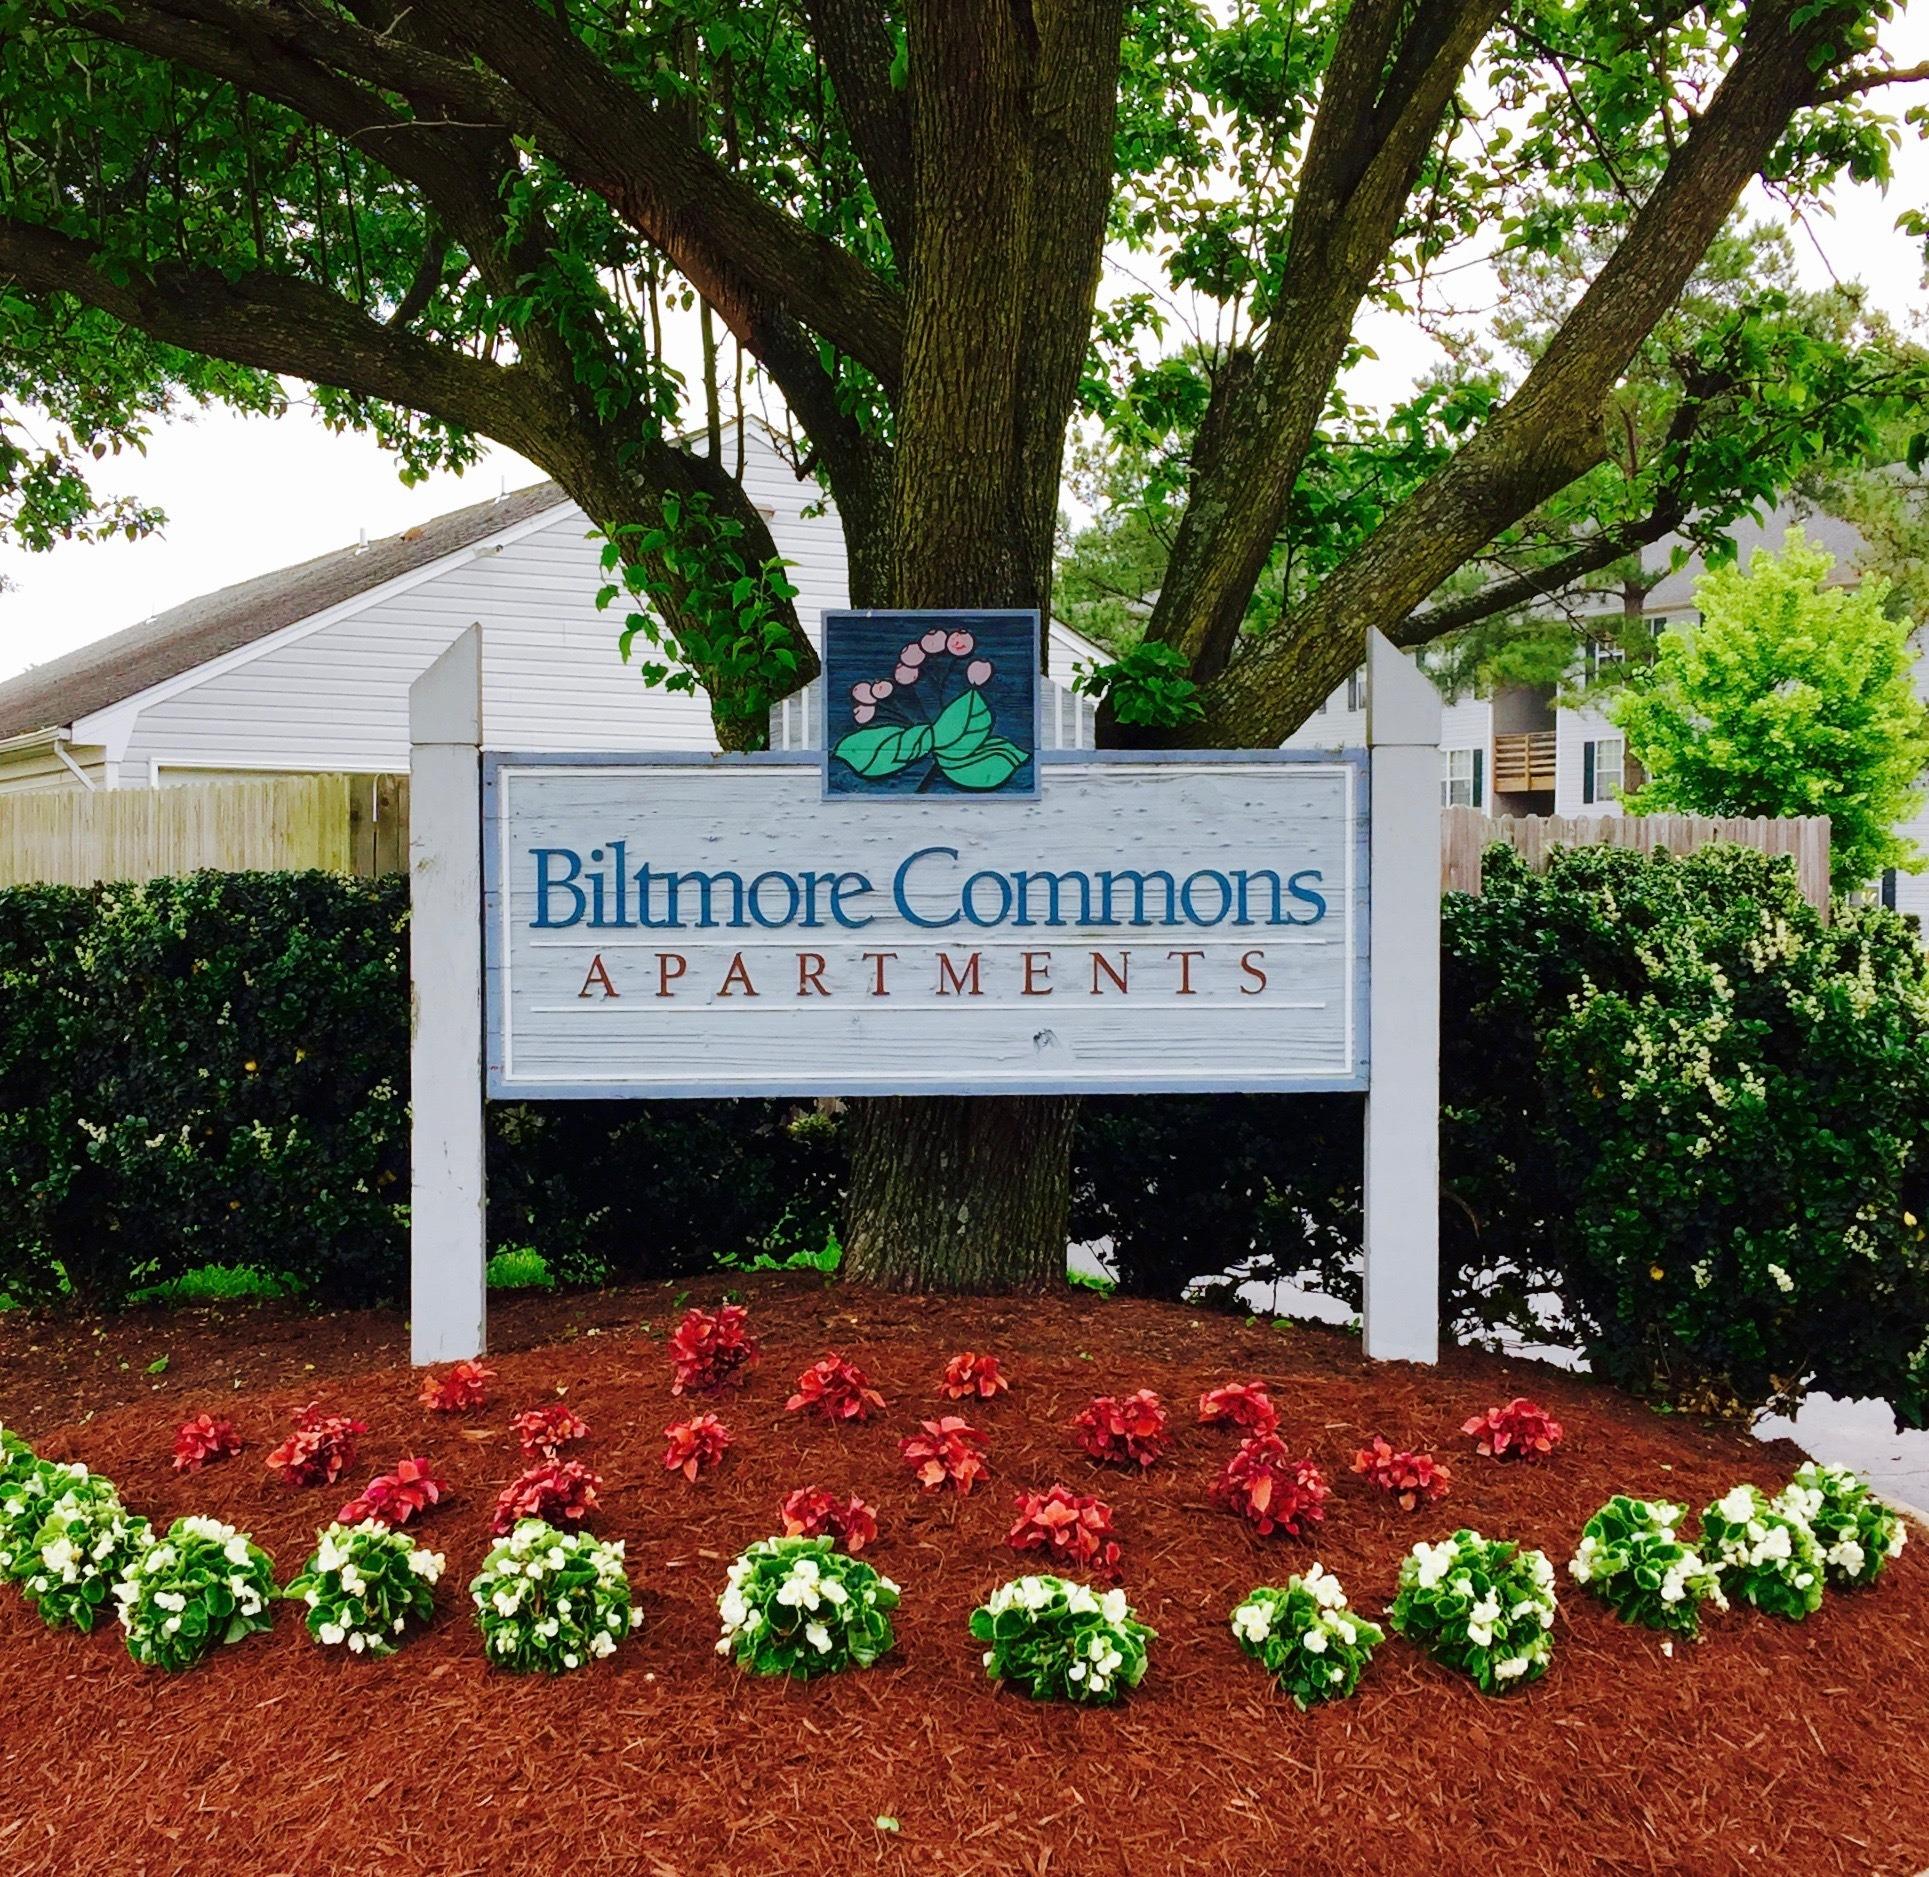 Biltmore Commons